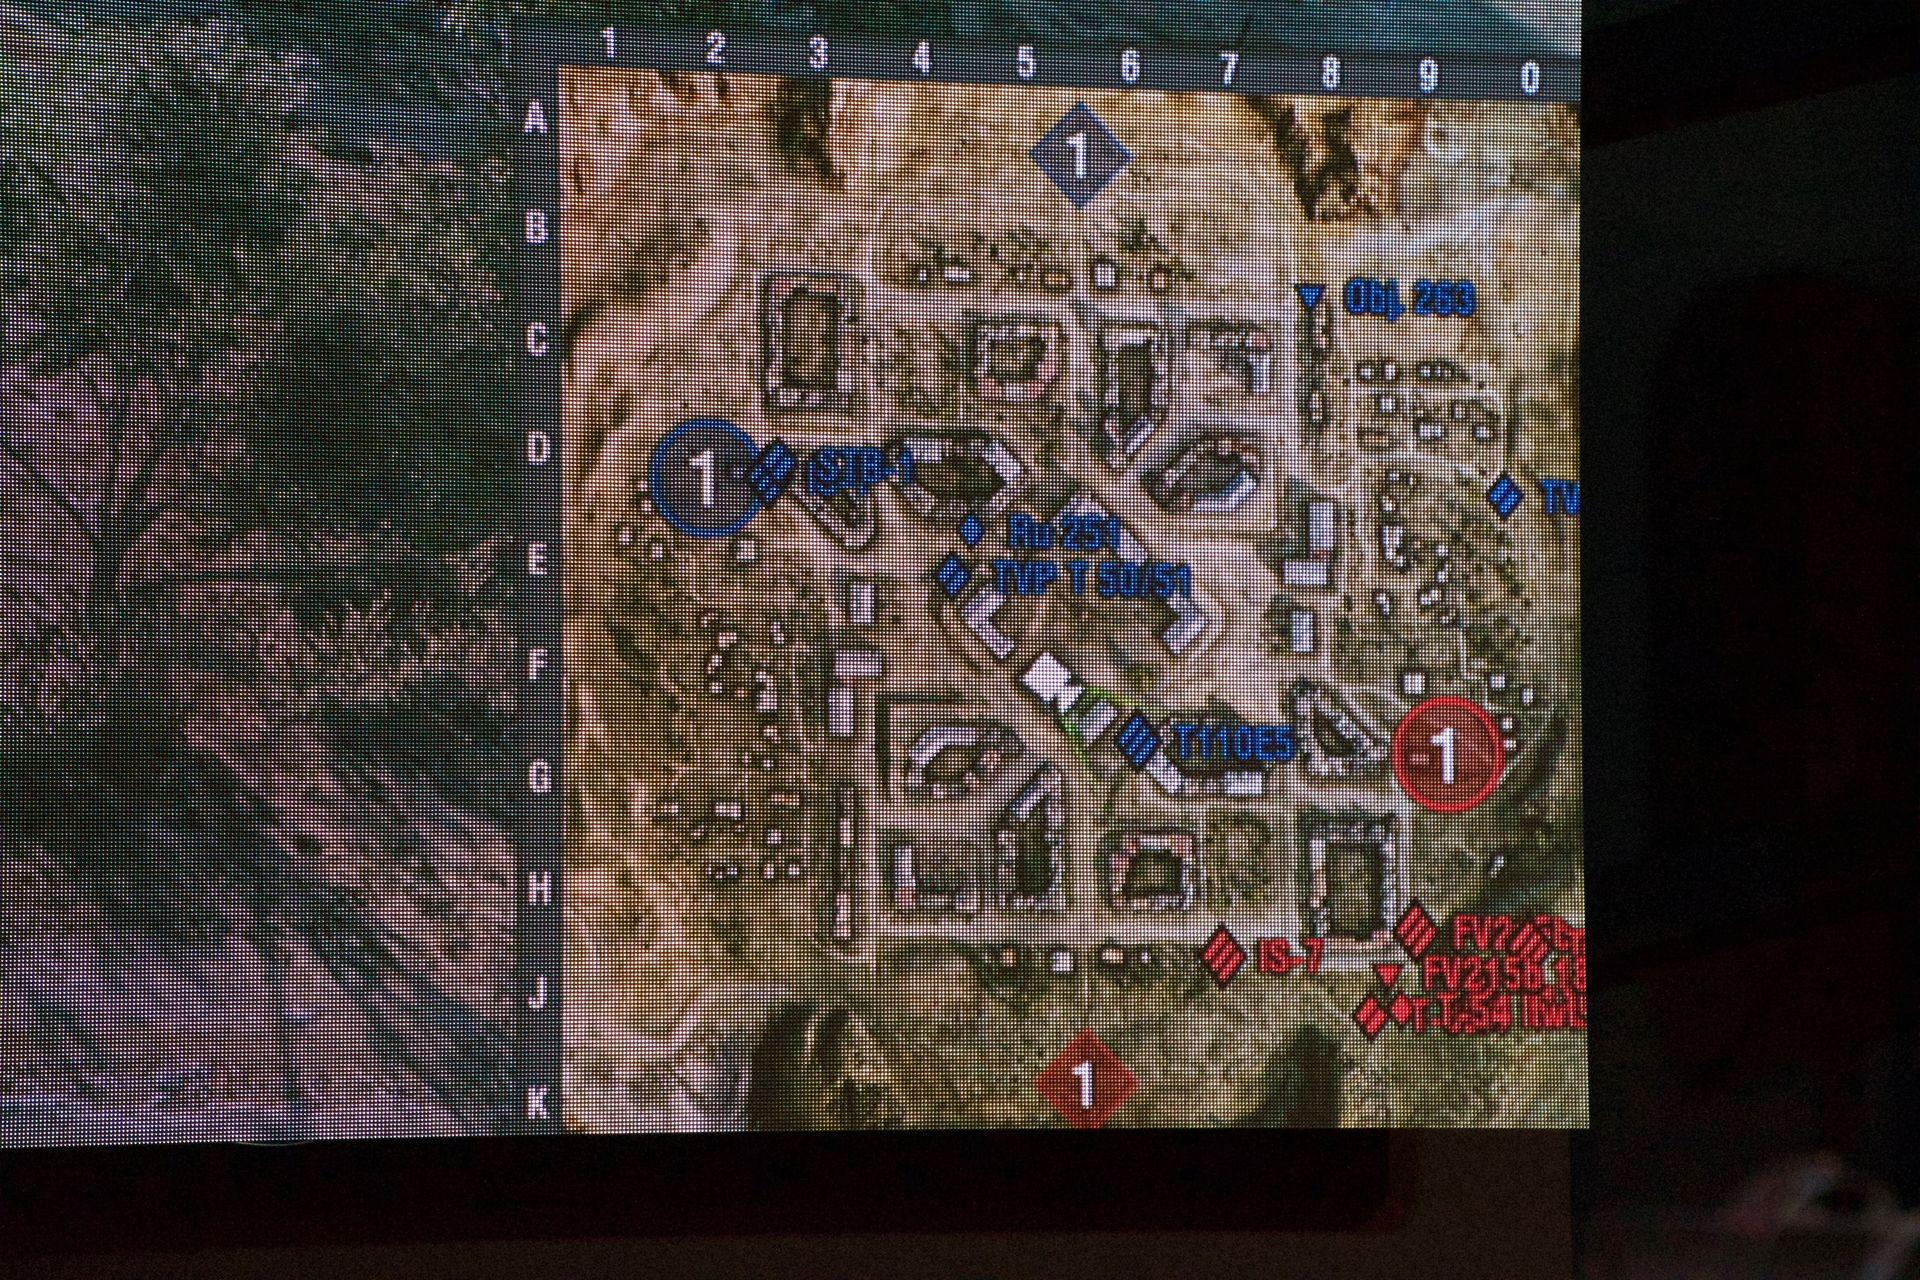 赤のG-GEARチームが南東の高台を占拠し、装甲の硬いT100T5で叩くという戦法(左)だったが、終盤は陣を構えていることを逆手にとられ、青のGALLERIAチームに包囲殲滅されてしまった(右)